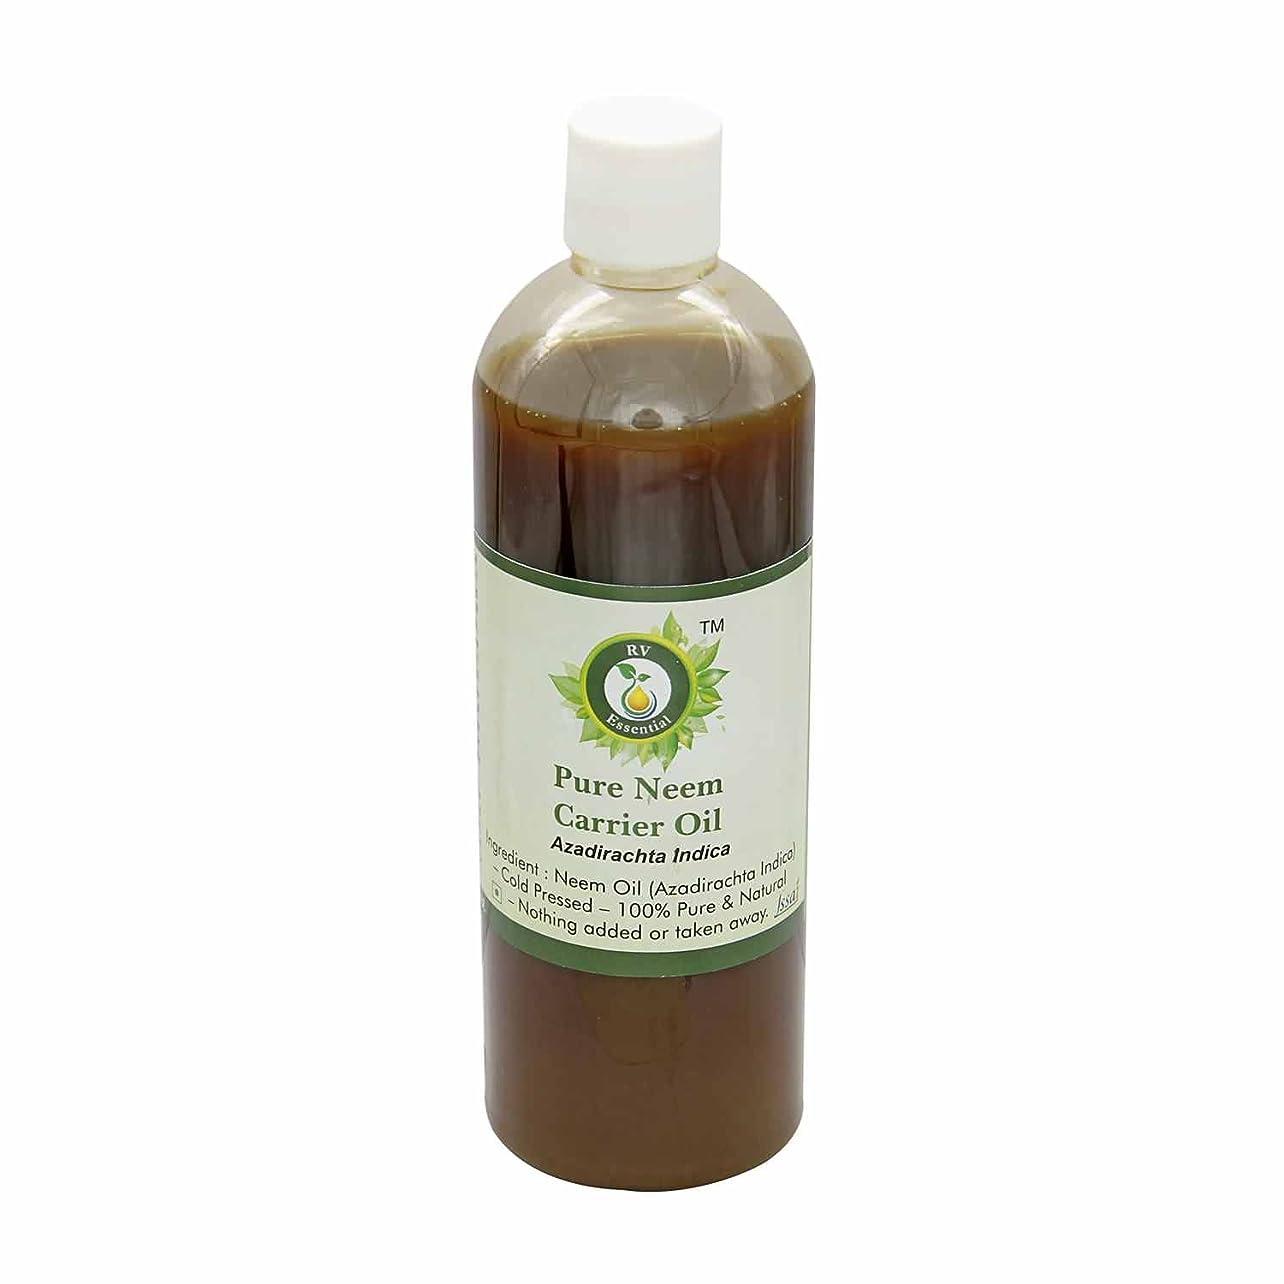 からかう真似る種R V Essential 純Neemキャリアオイル100ml (3.38oz)- Azadirachta Indica (100%ピュア&ナチュラルコールドPressed) Pure Neem Carrier Oil